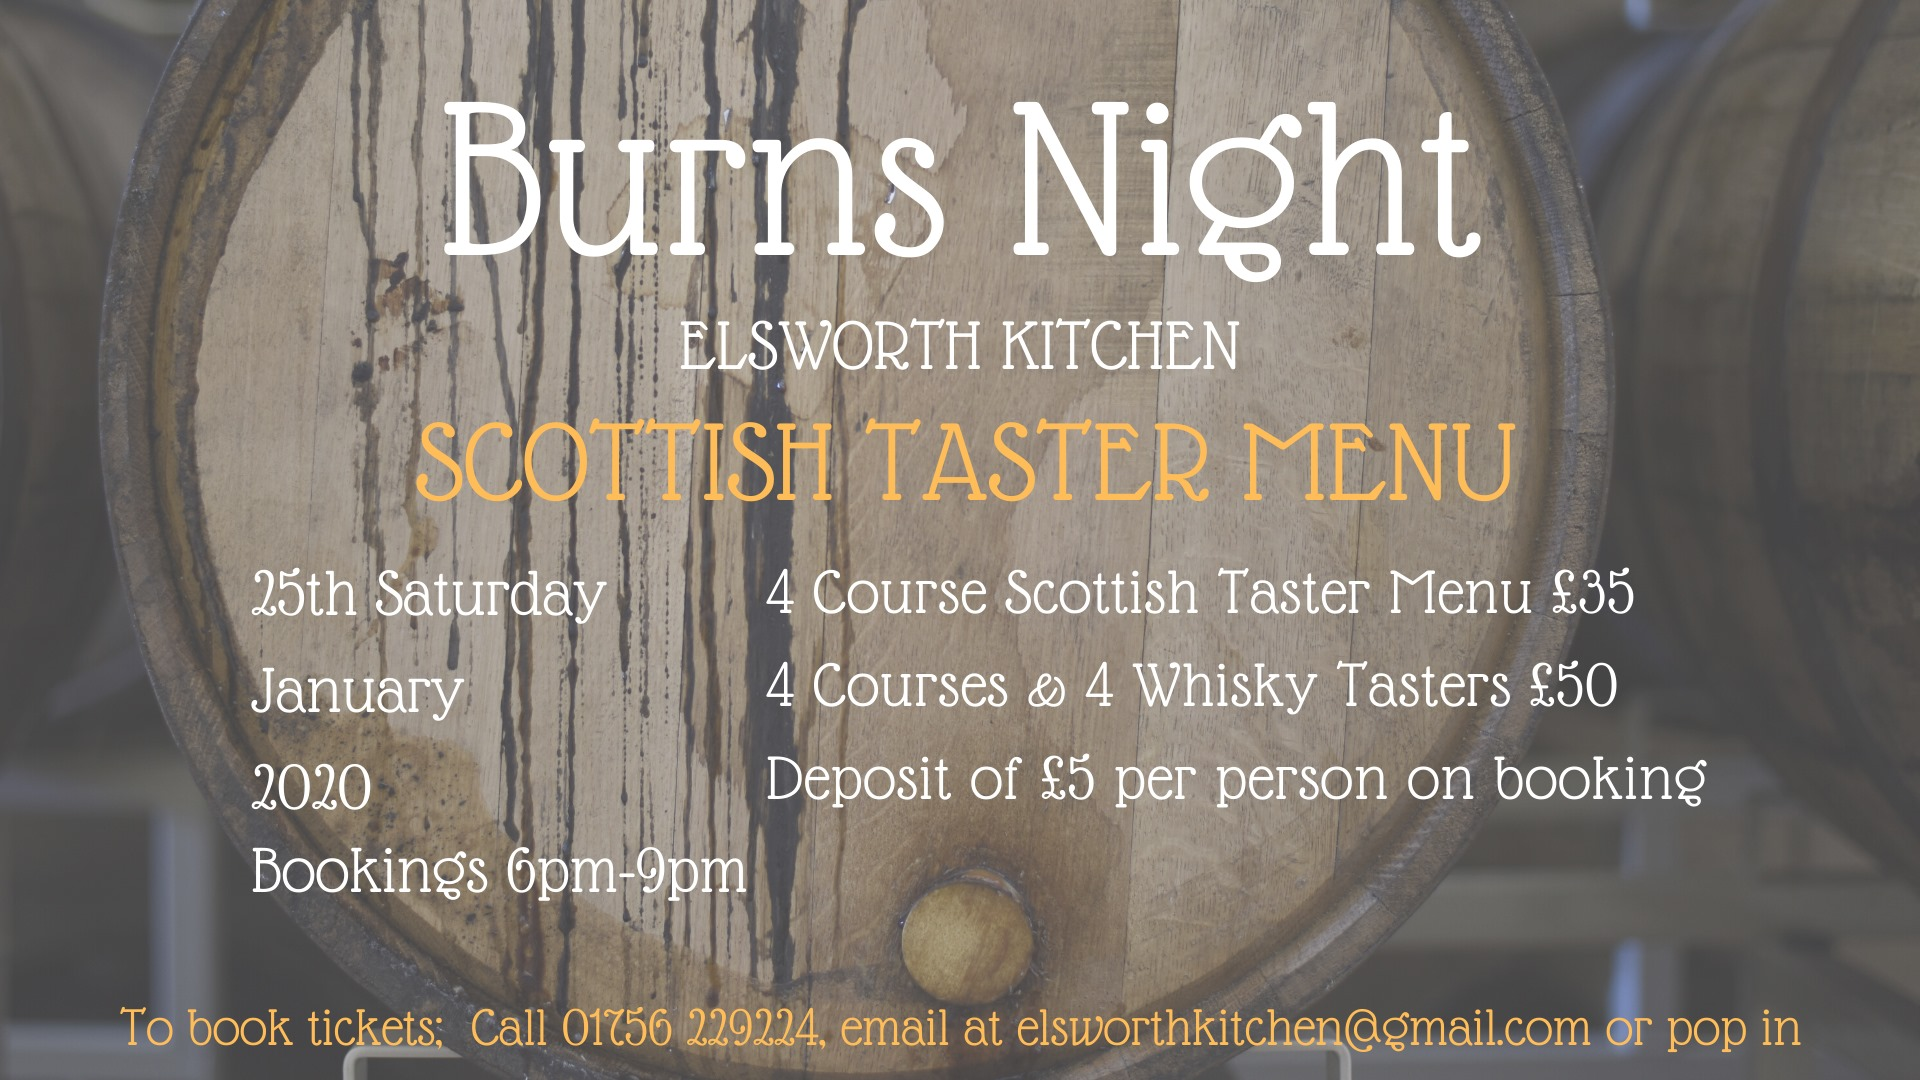 Burns Night Scottish Taster Menu